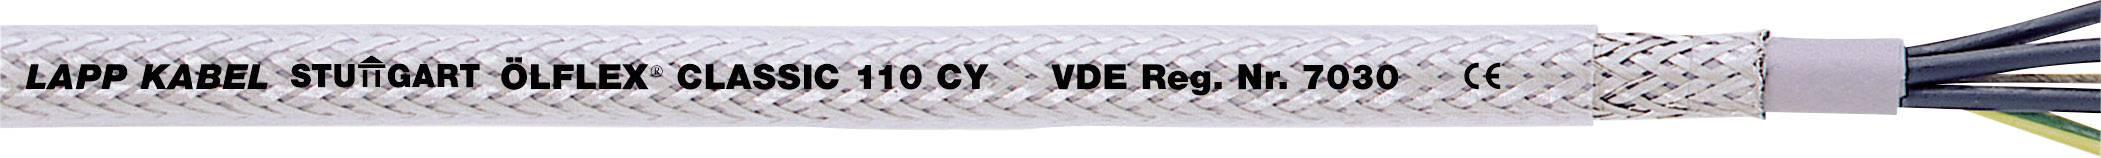 Riadiaci kábel LappKabel ÖLFLEX® CLASSIC 110 CY 1135303, 3 x 1.50 mm², vonkajší Ø 8.90 mm, 500 V, metrový tovar, priehľadná